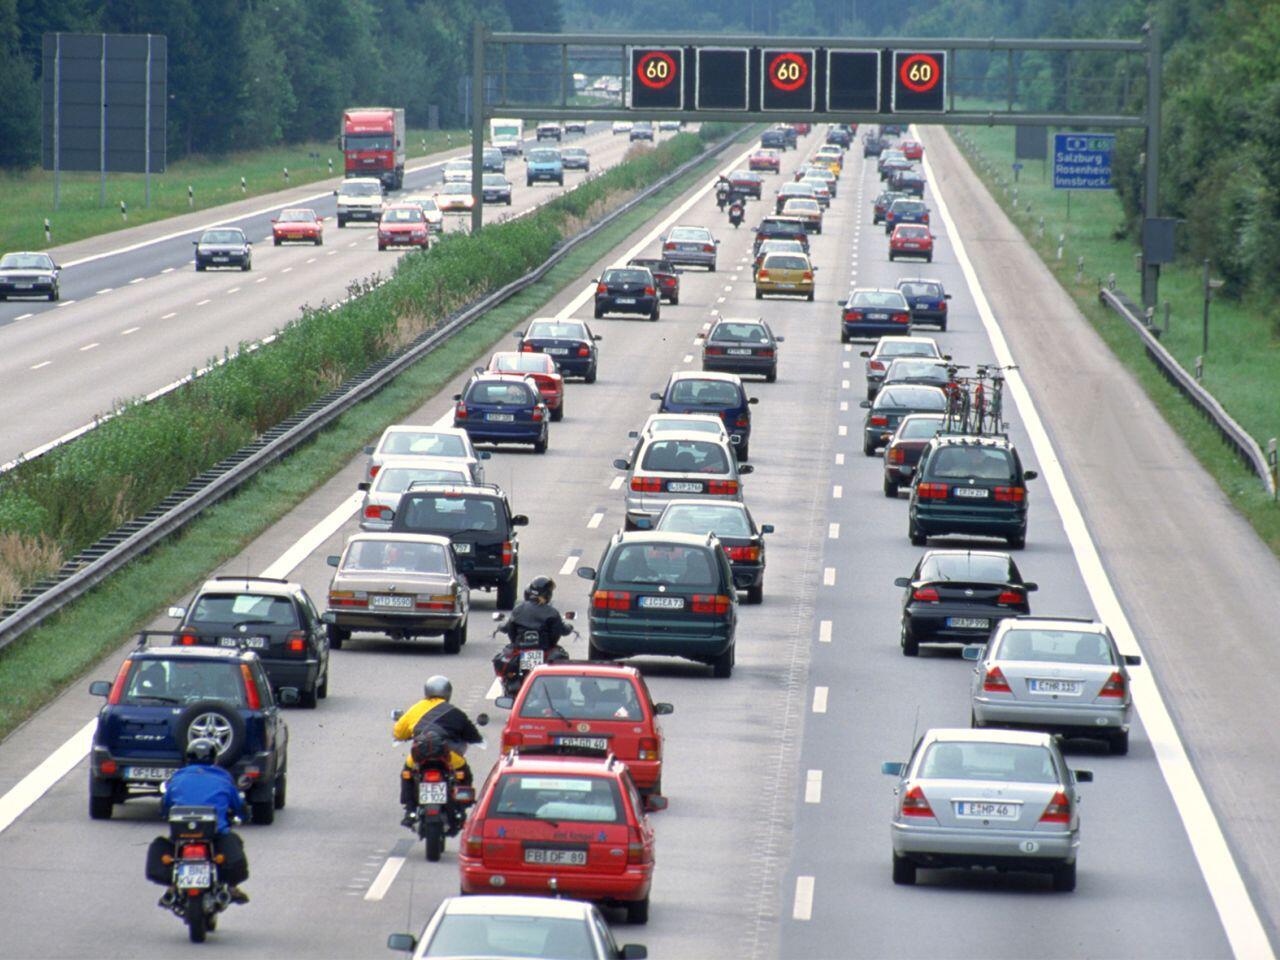 Bild zu Stau auf der Autobahn: Hier gibt es einige Regeln zu beachten